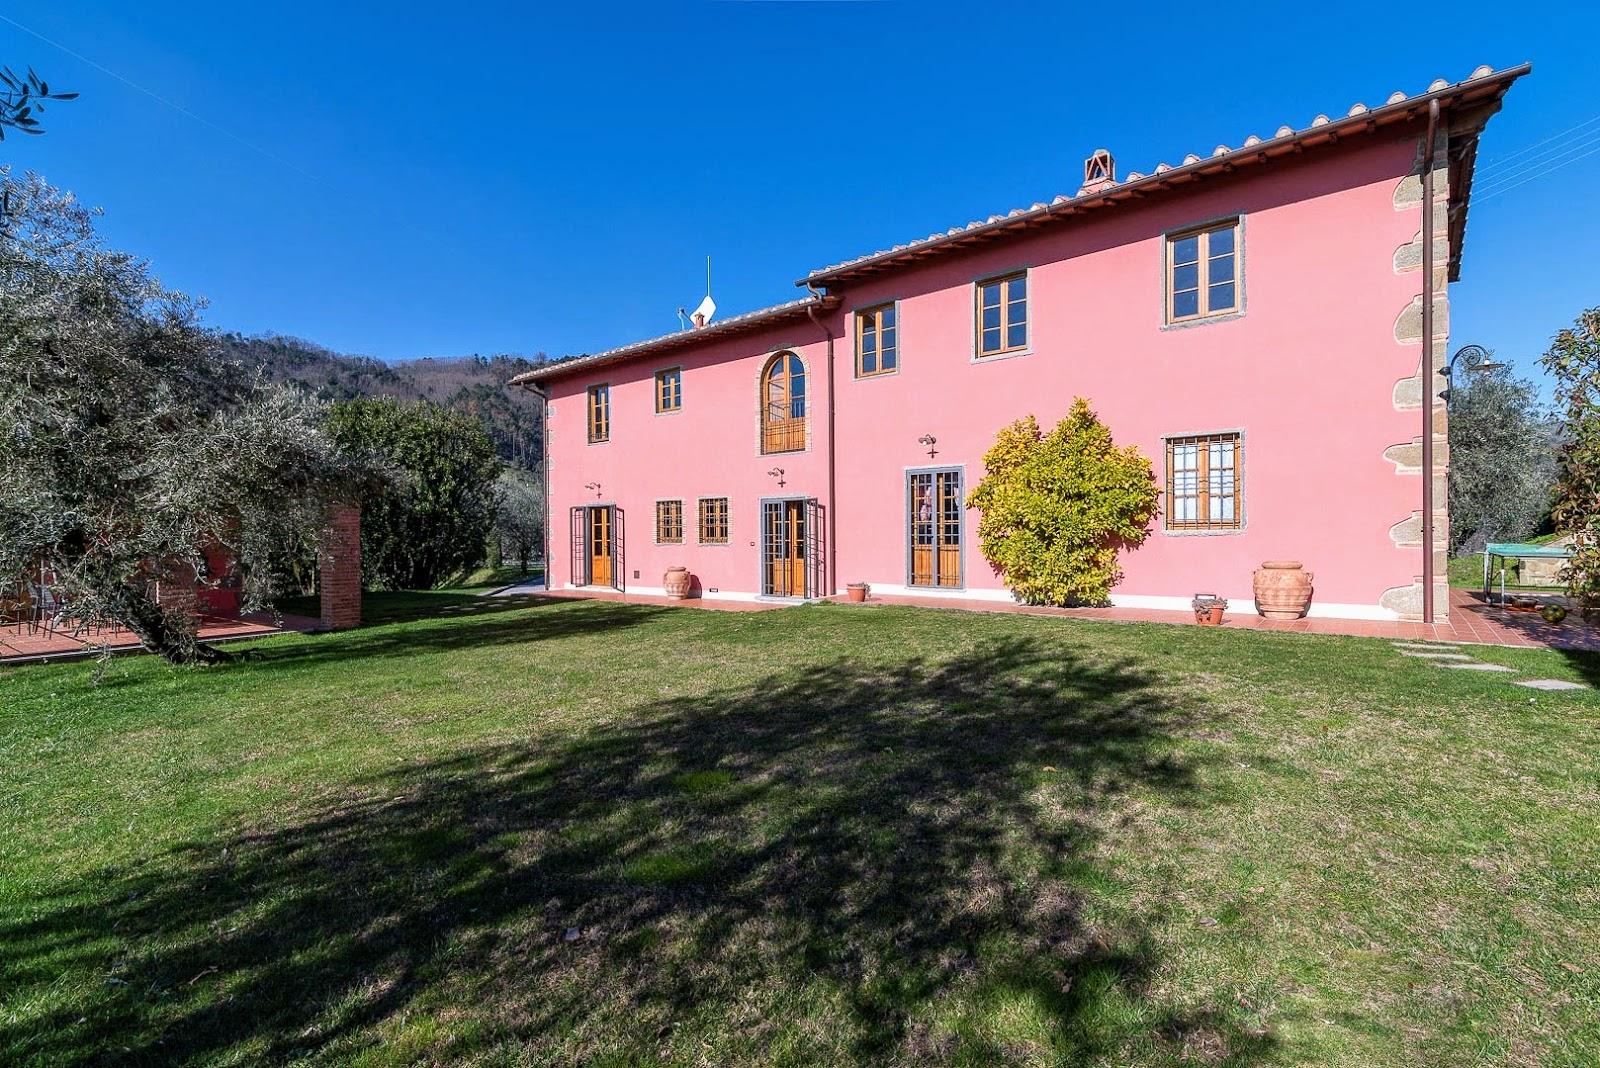 Ferienhaus Casale di Buggiano (1975399), Buggiano, Pistoia, Toskana, Italien, Bild 1